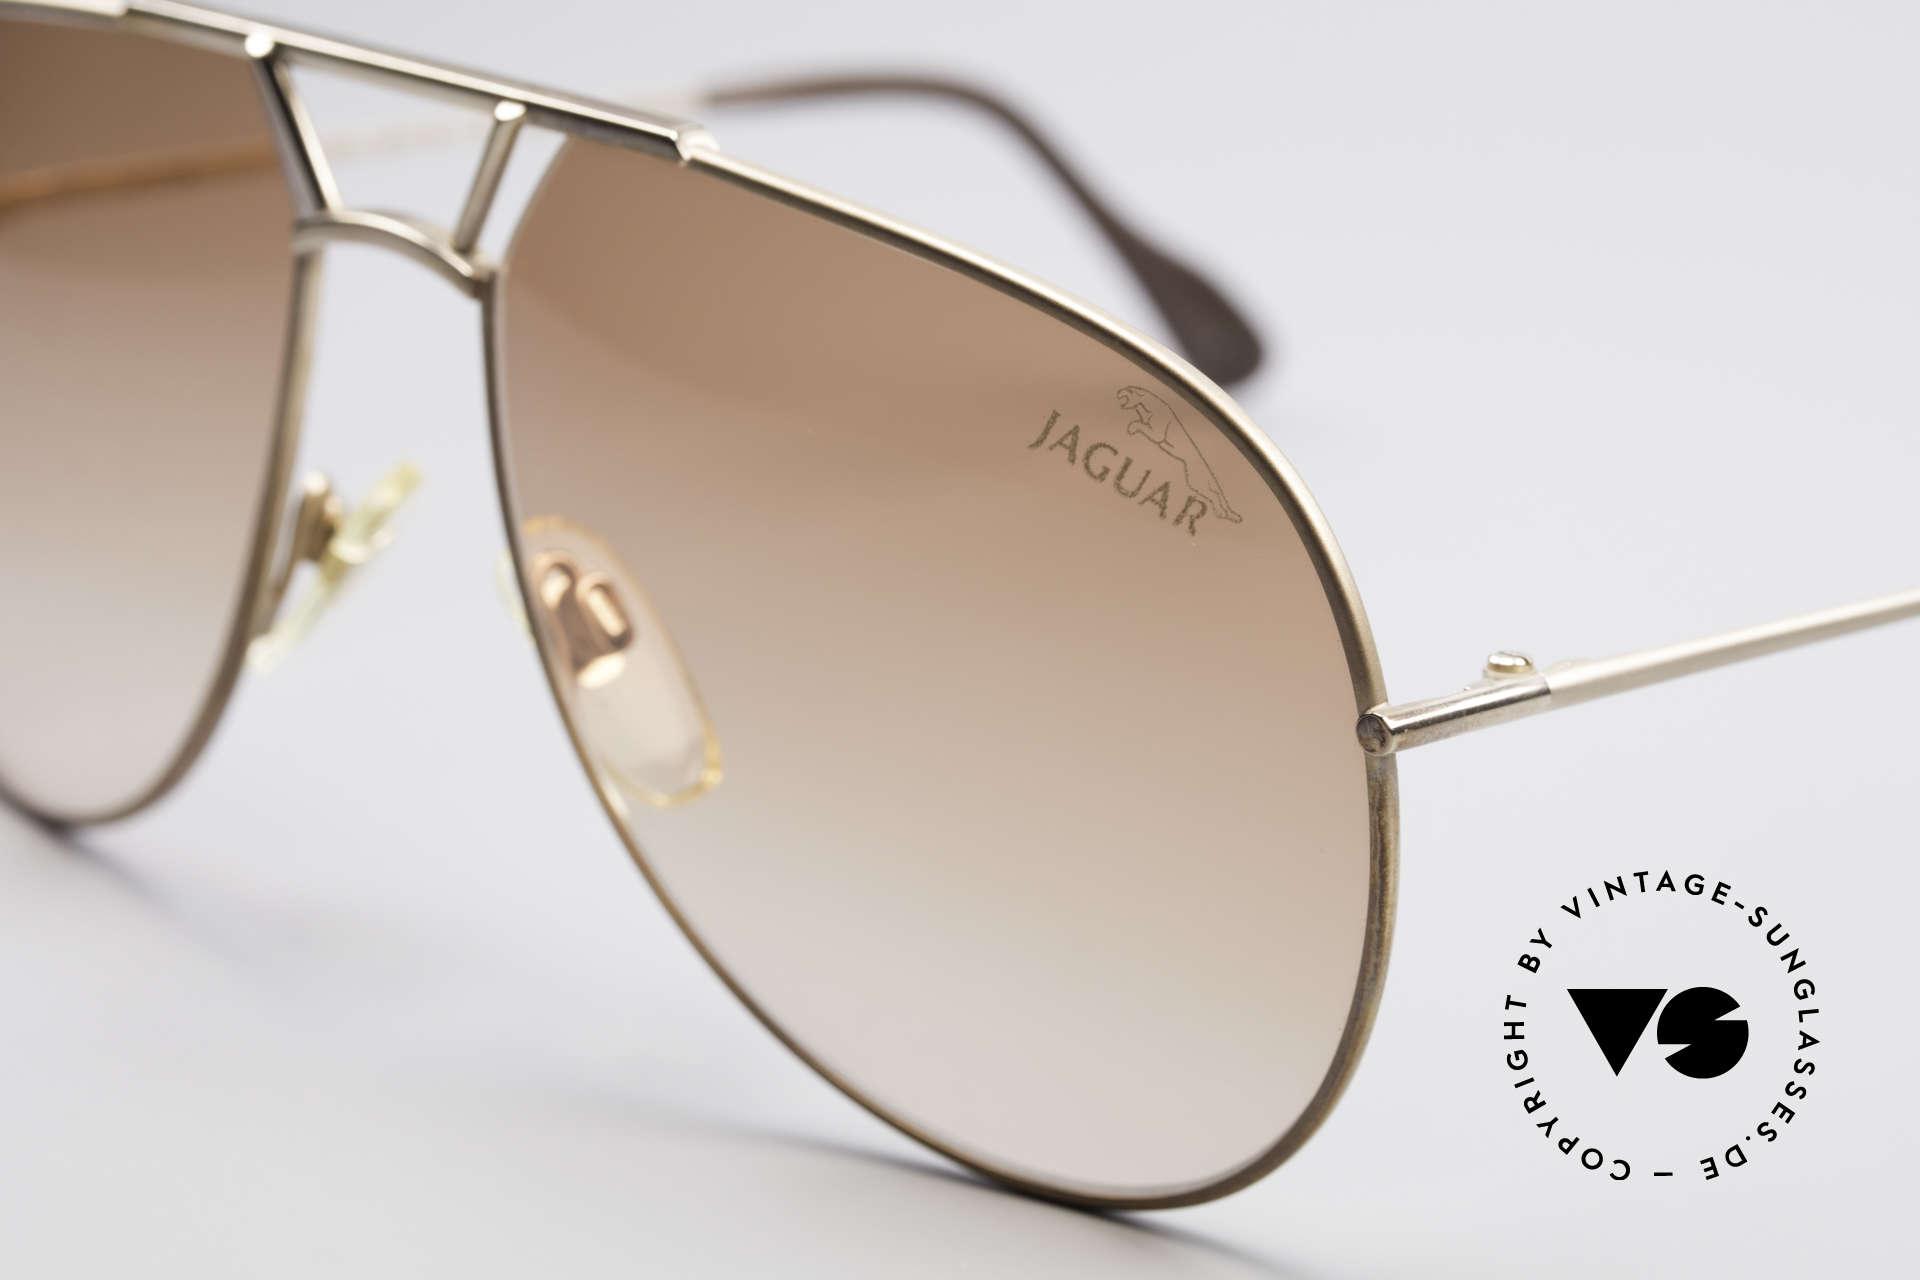 Jaguar 795 Vintage Herren Sonnenbrille, ungetragen (wie alle unsere JAGUAR vintage Brillen), Passend für Herren